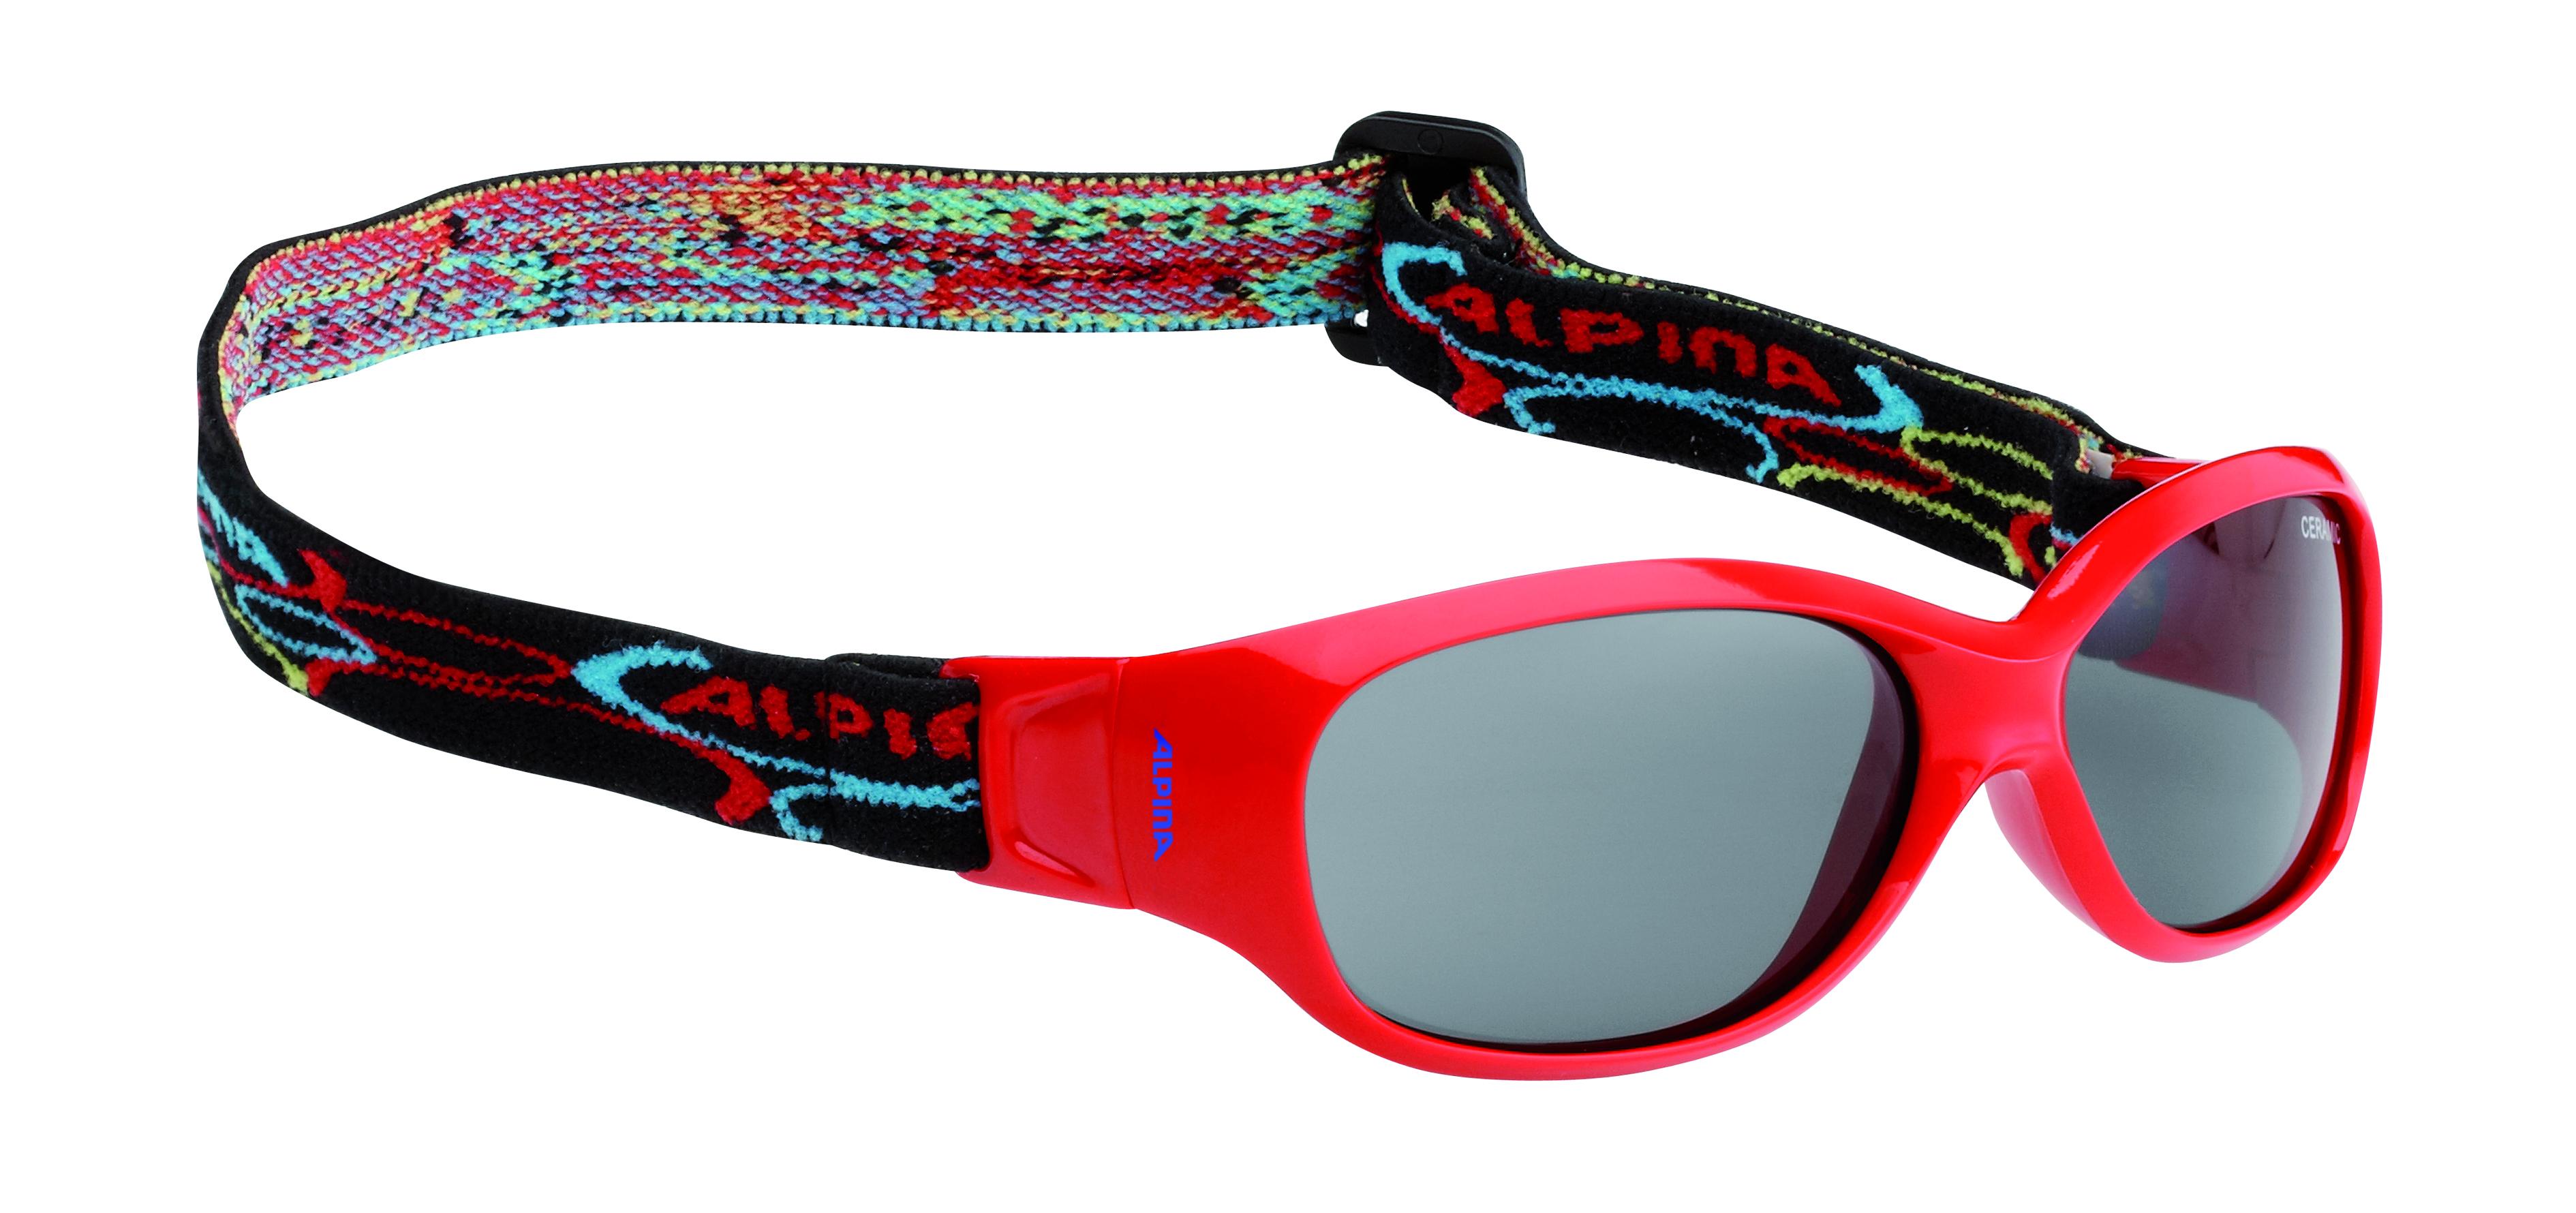 Очки солнцезащитные Alpina 2018 SPORTS FLEXXY KIDS red, Очки солнцезащитные - арт. 1017610413